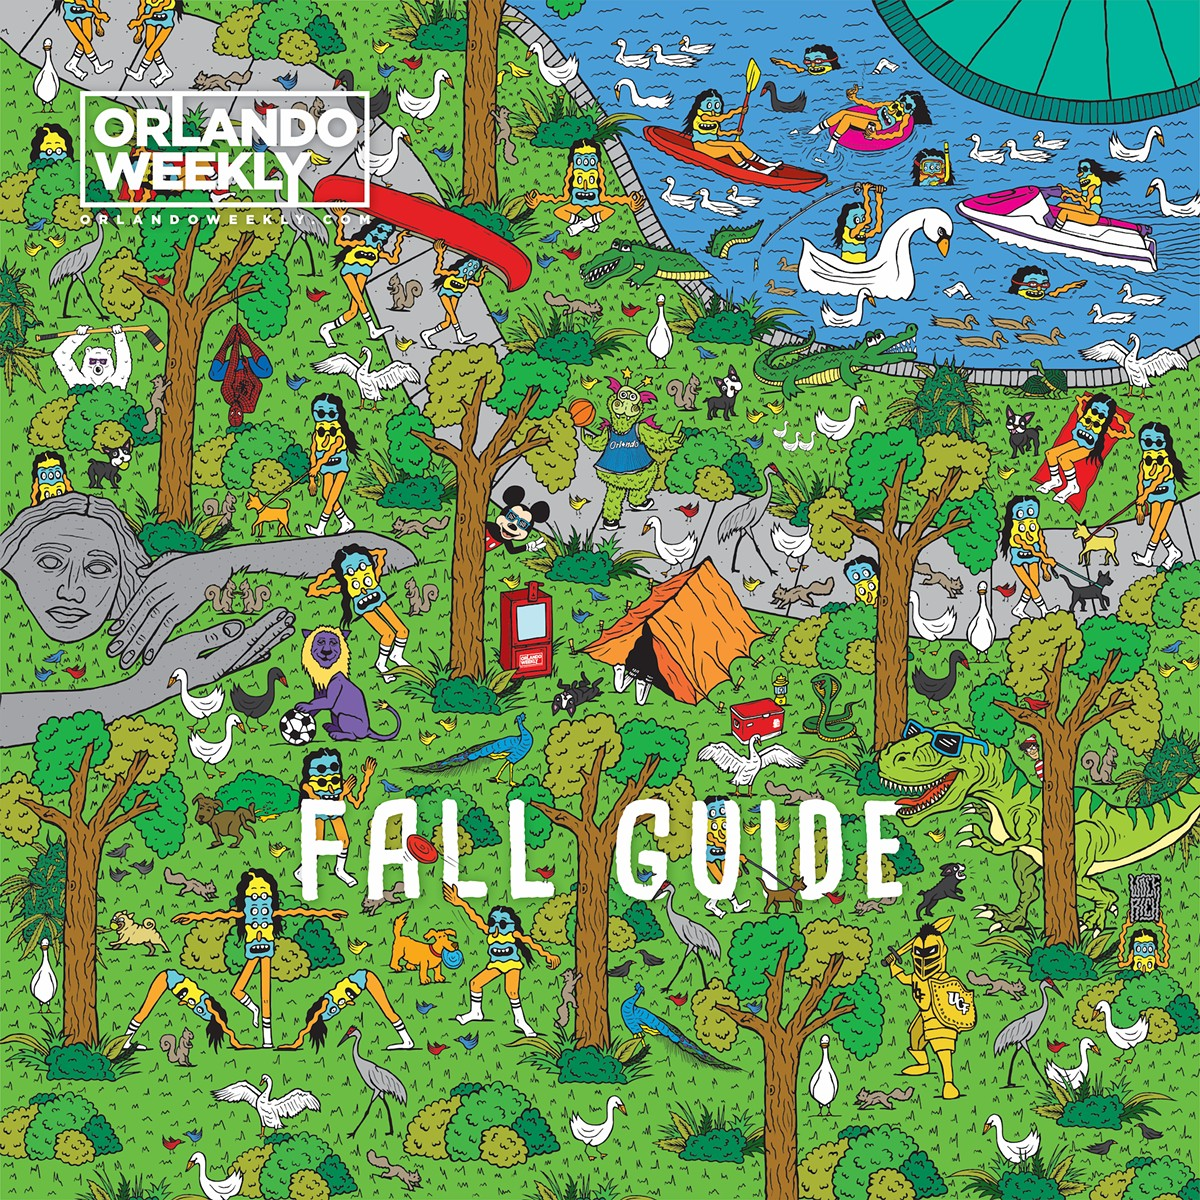 fallguide_cover_artwork_full_web.jpg